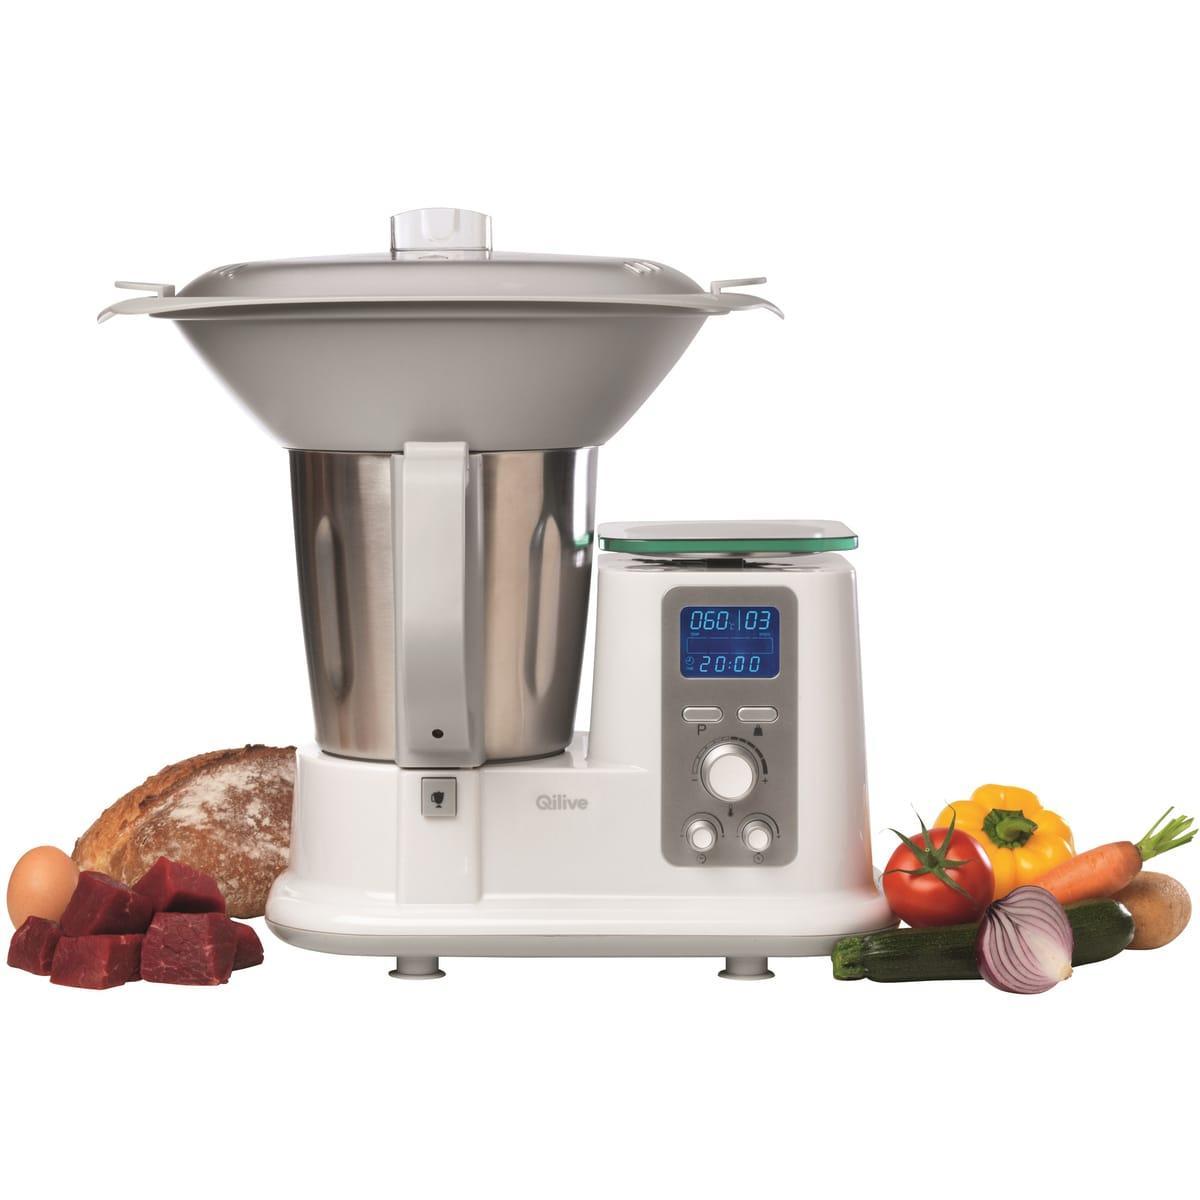 Robot cuiseur qilive - Livre recette thermomix pas cher ...